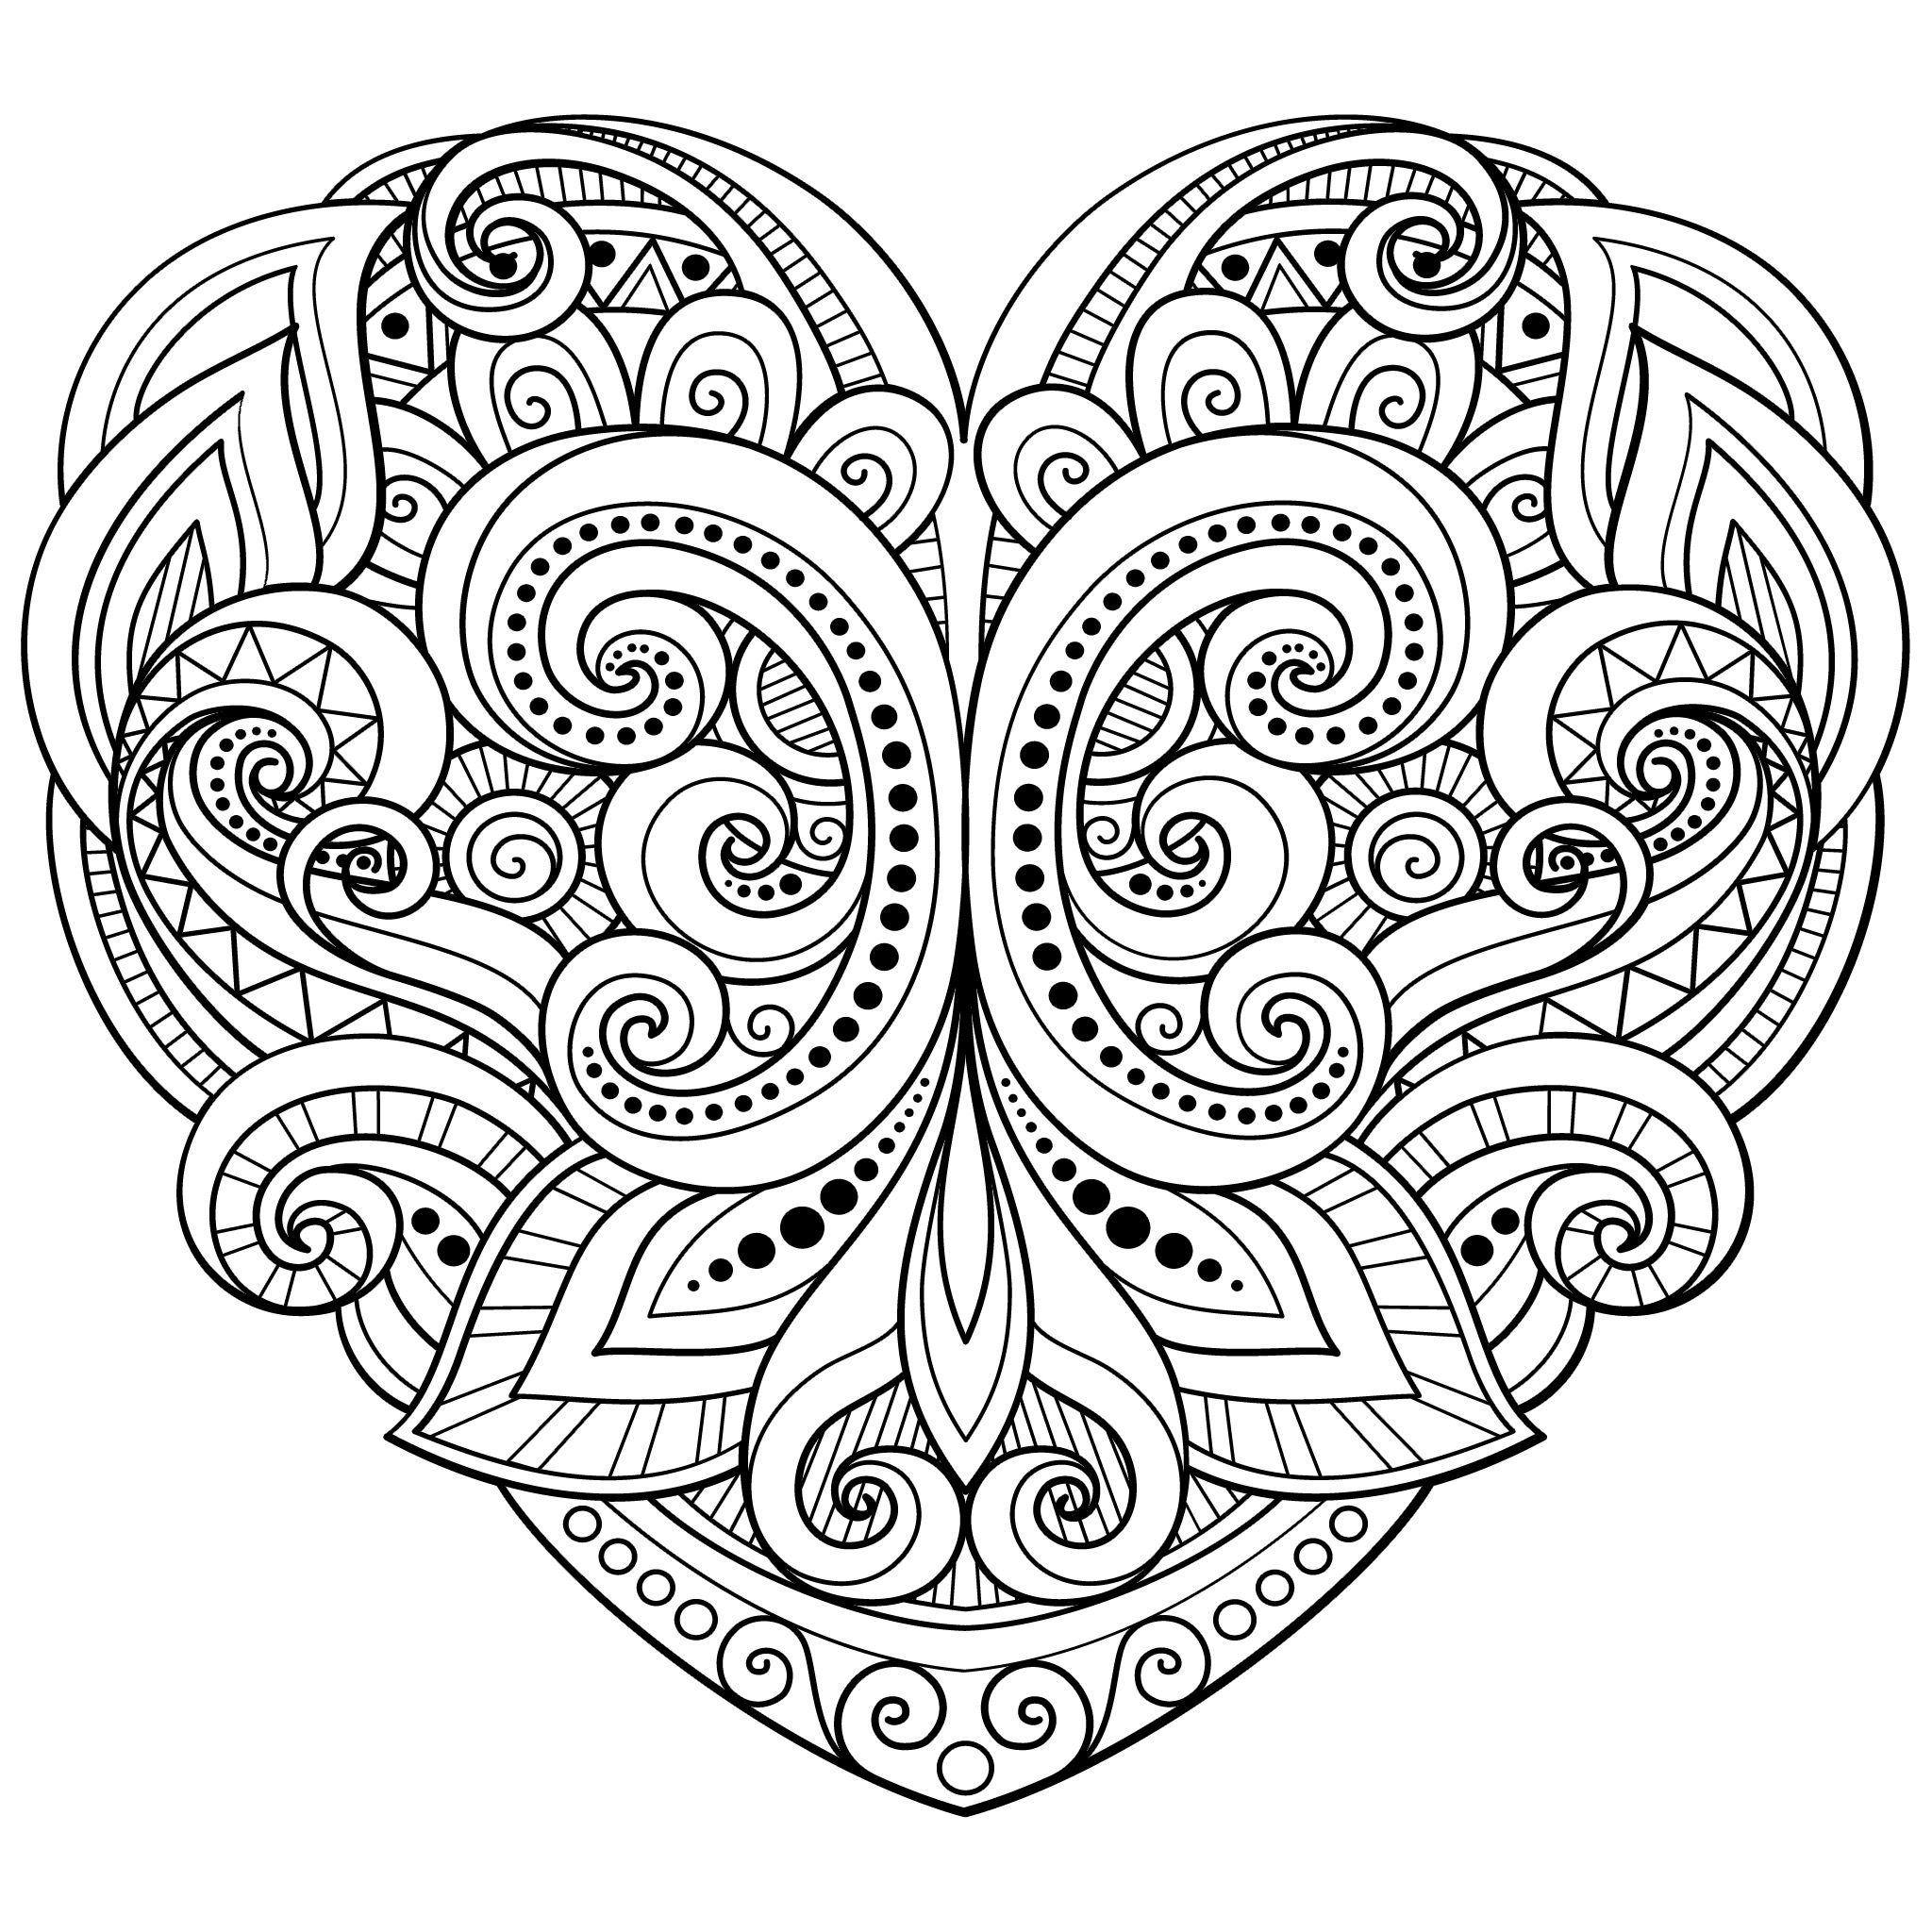 рисовать картинки сердечки с узорами данном случае значимую